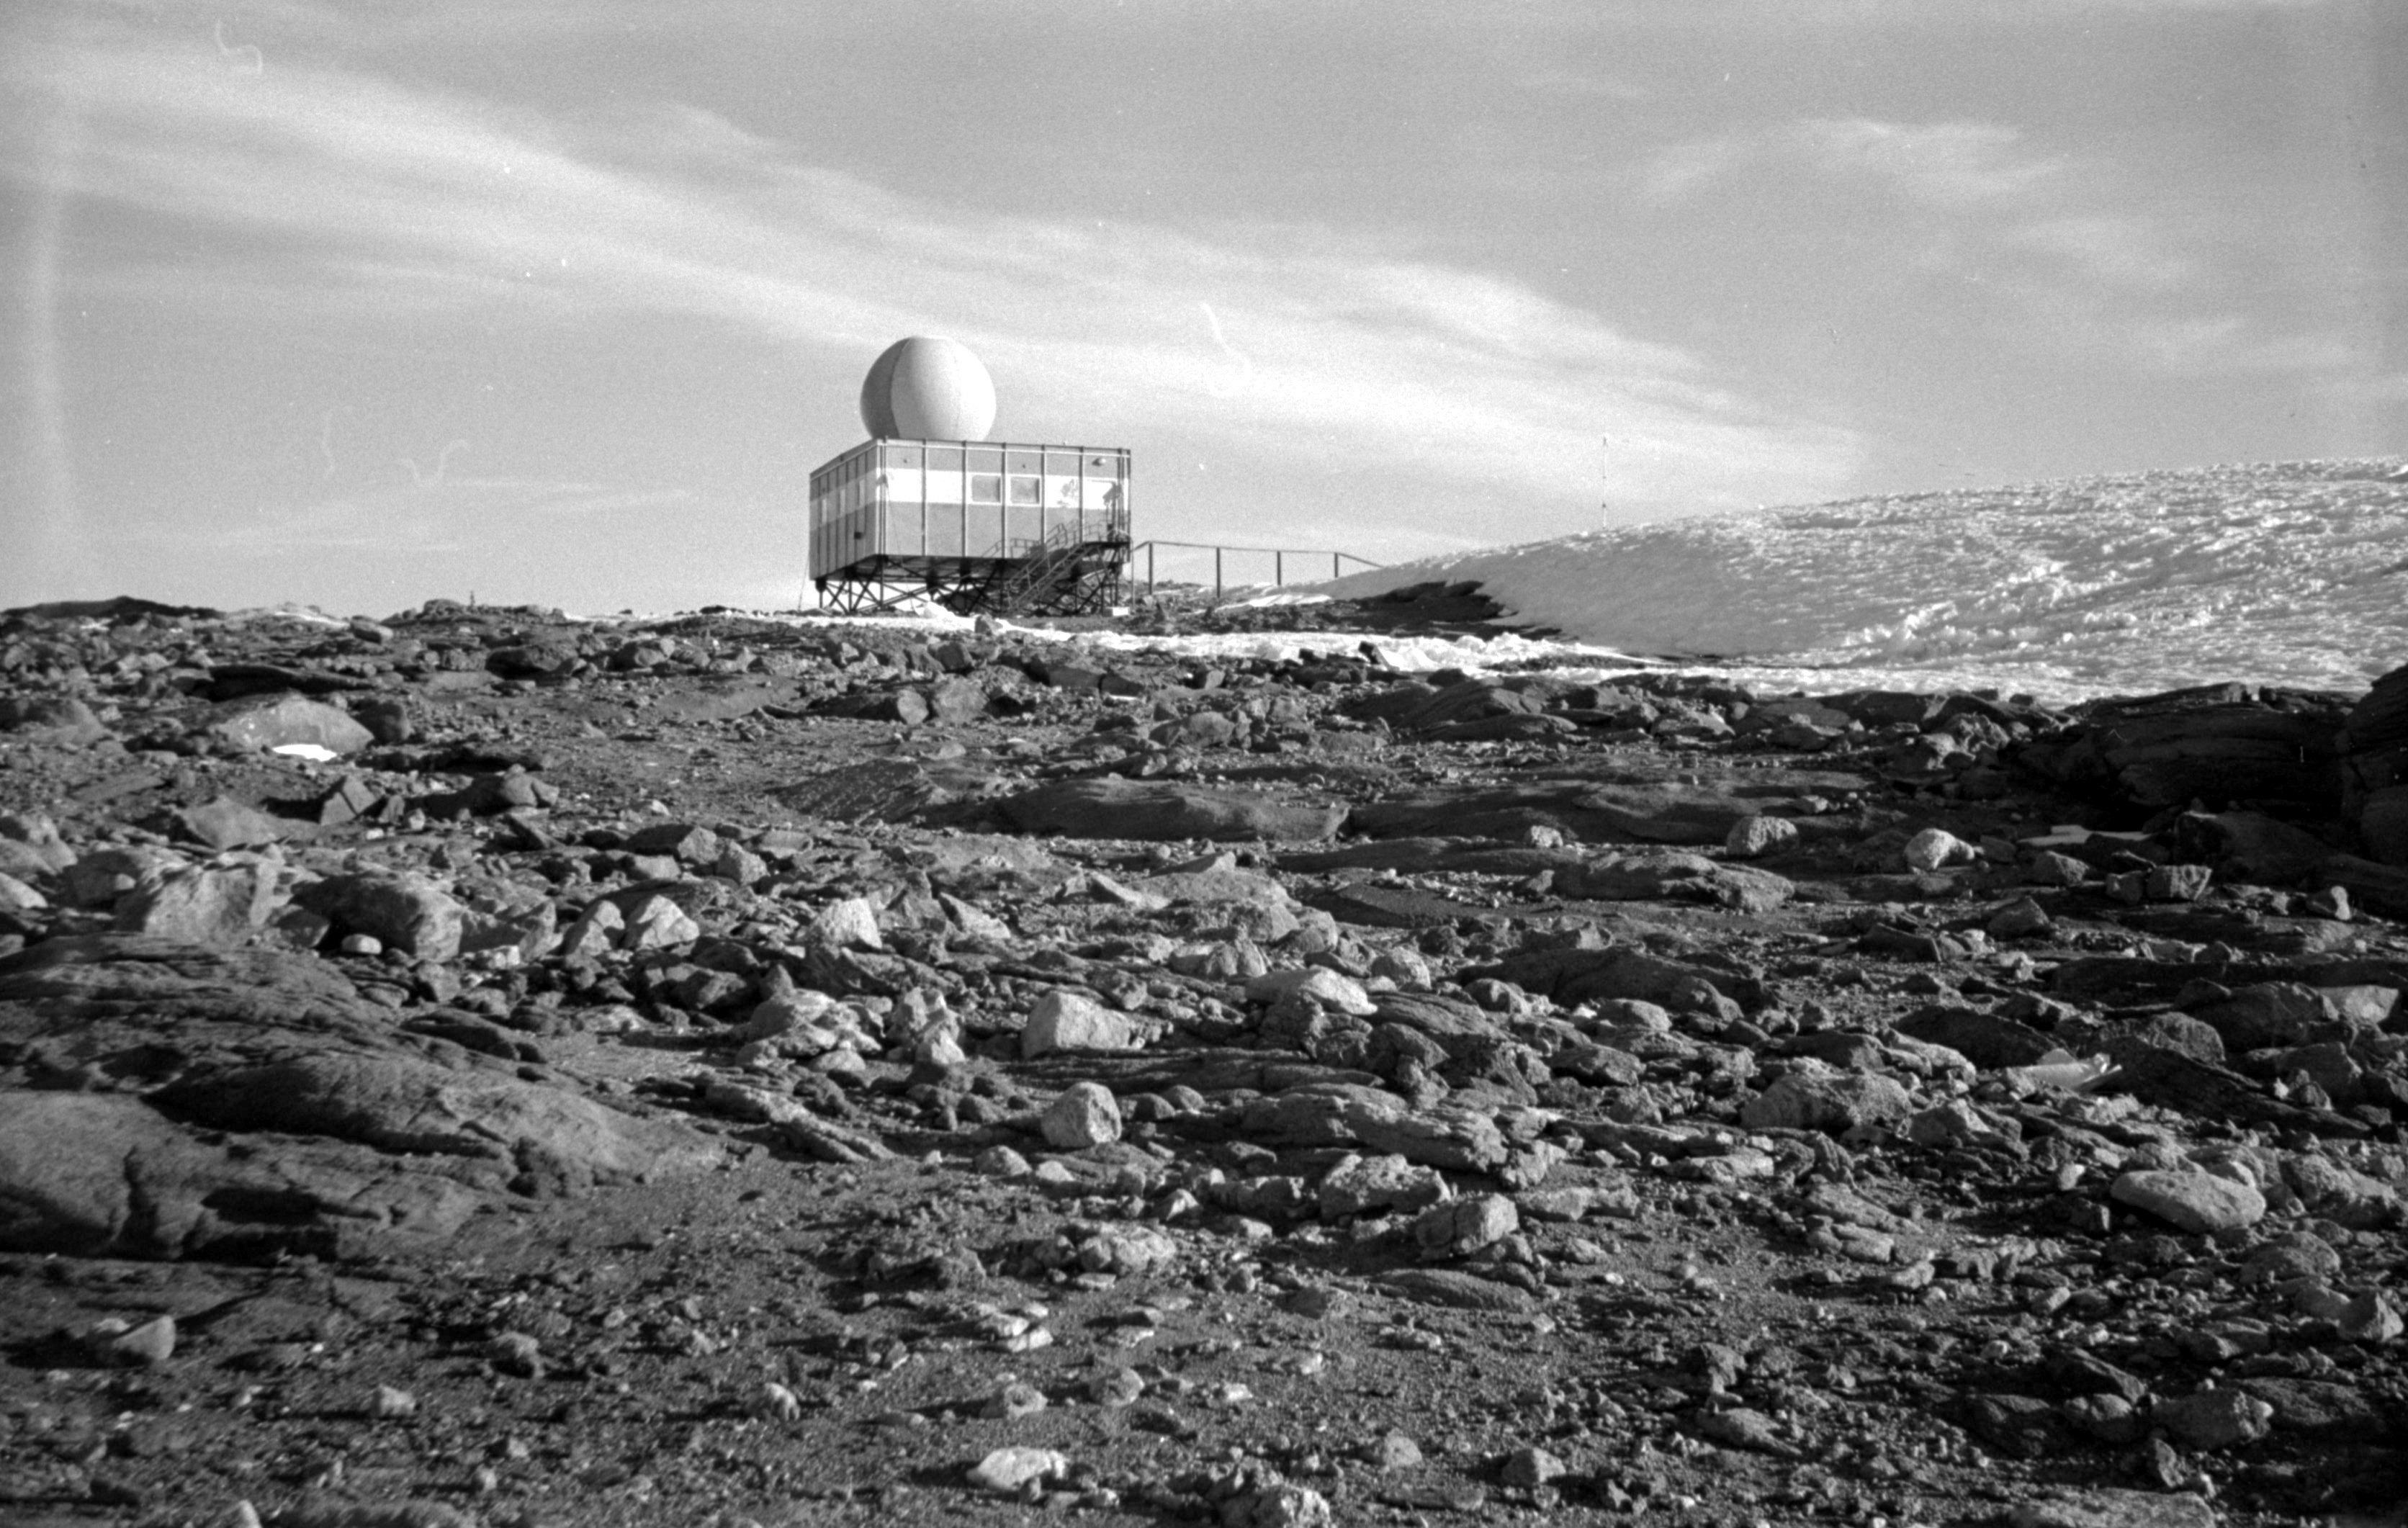 830026 Антарктическая станция _Молодёжная_.jpg